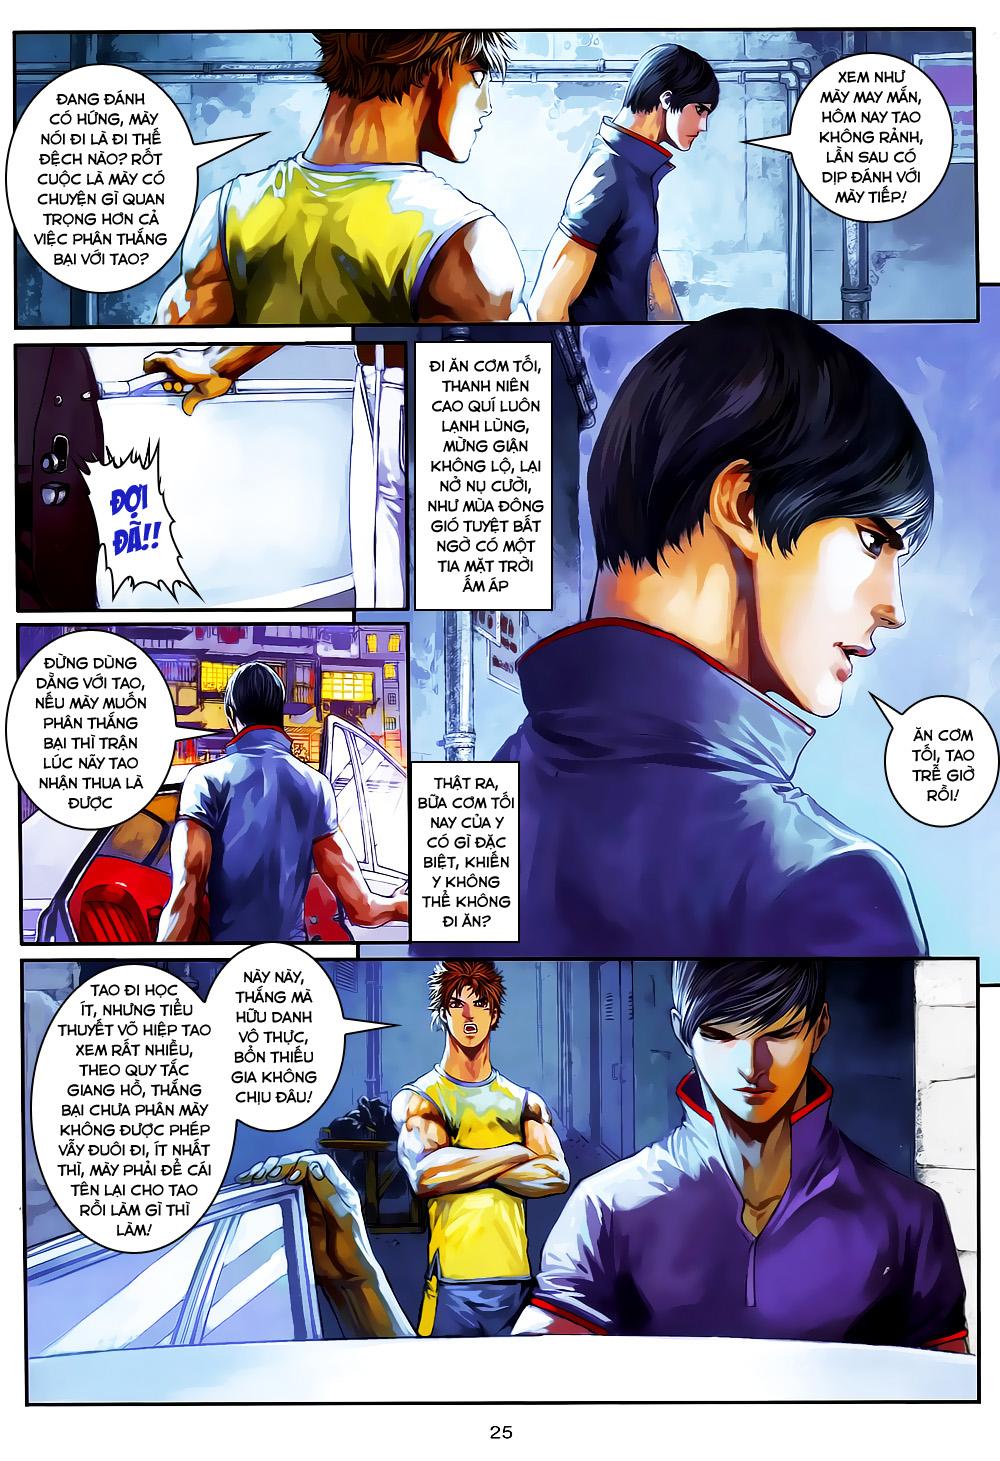 Quyền Đạo chapter 4 trang 25